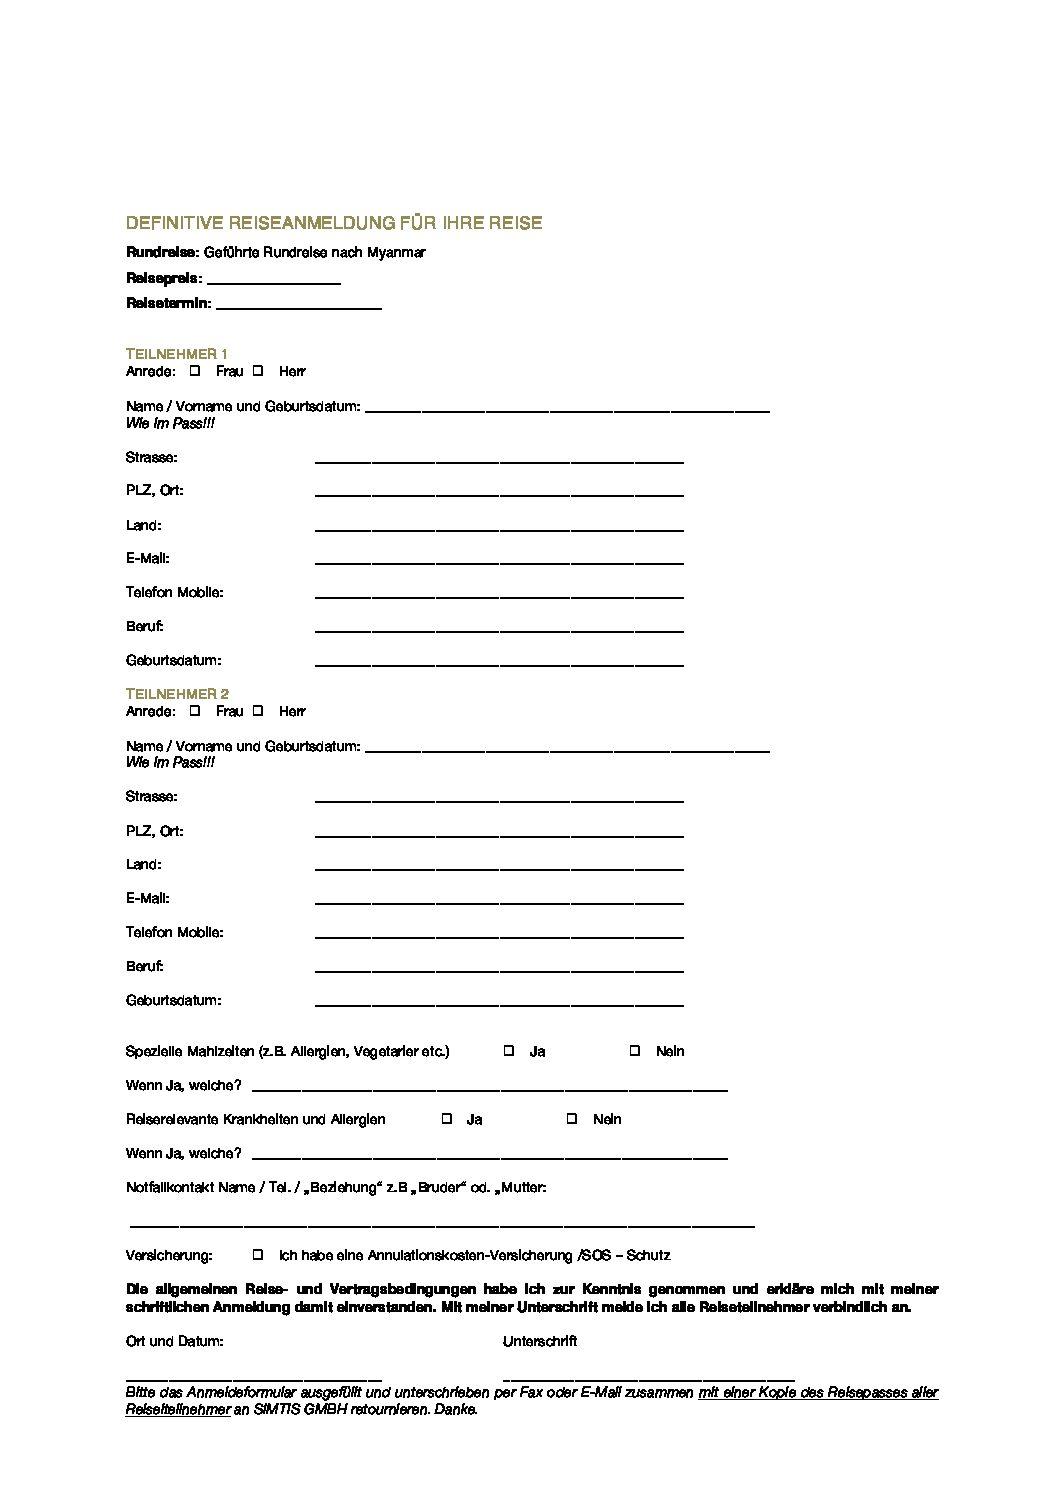 Beispielbild mit Anmeldung für eine geführte Rundreise in Myanmar in Asien mit Simtis.